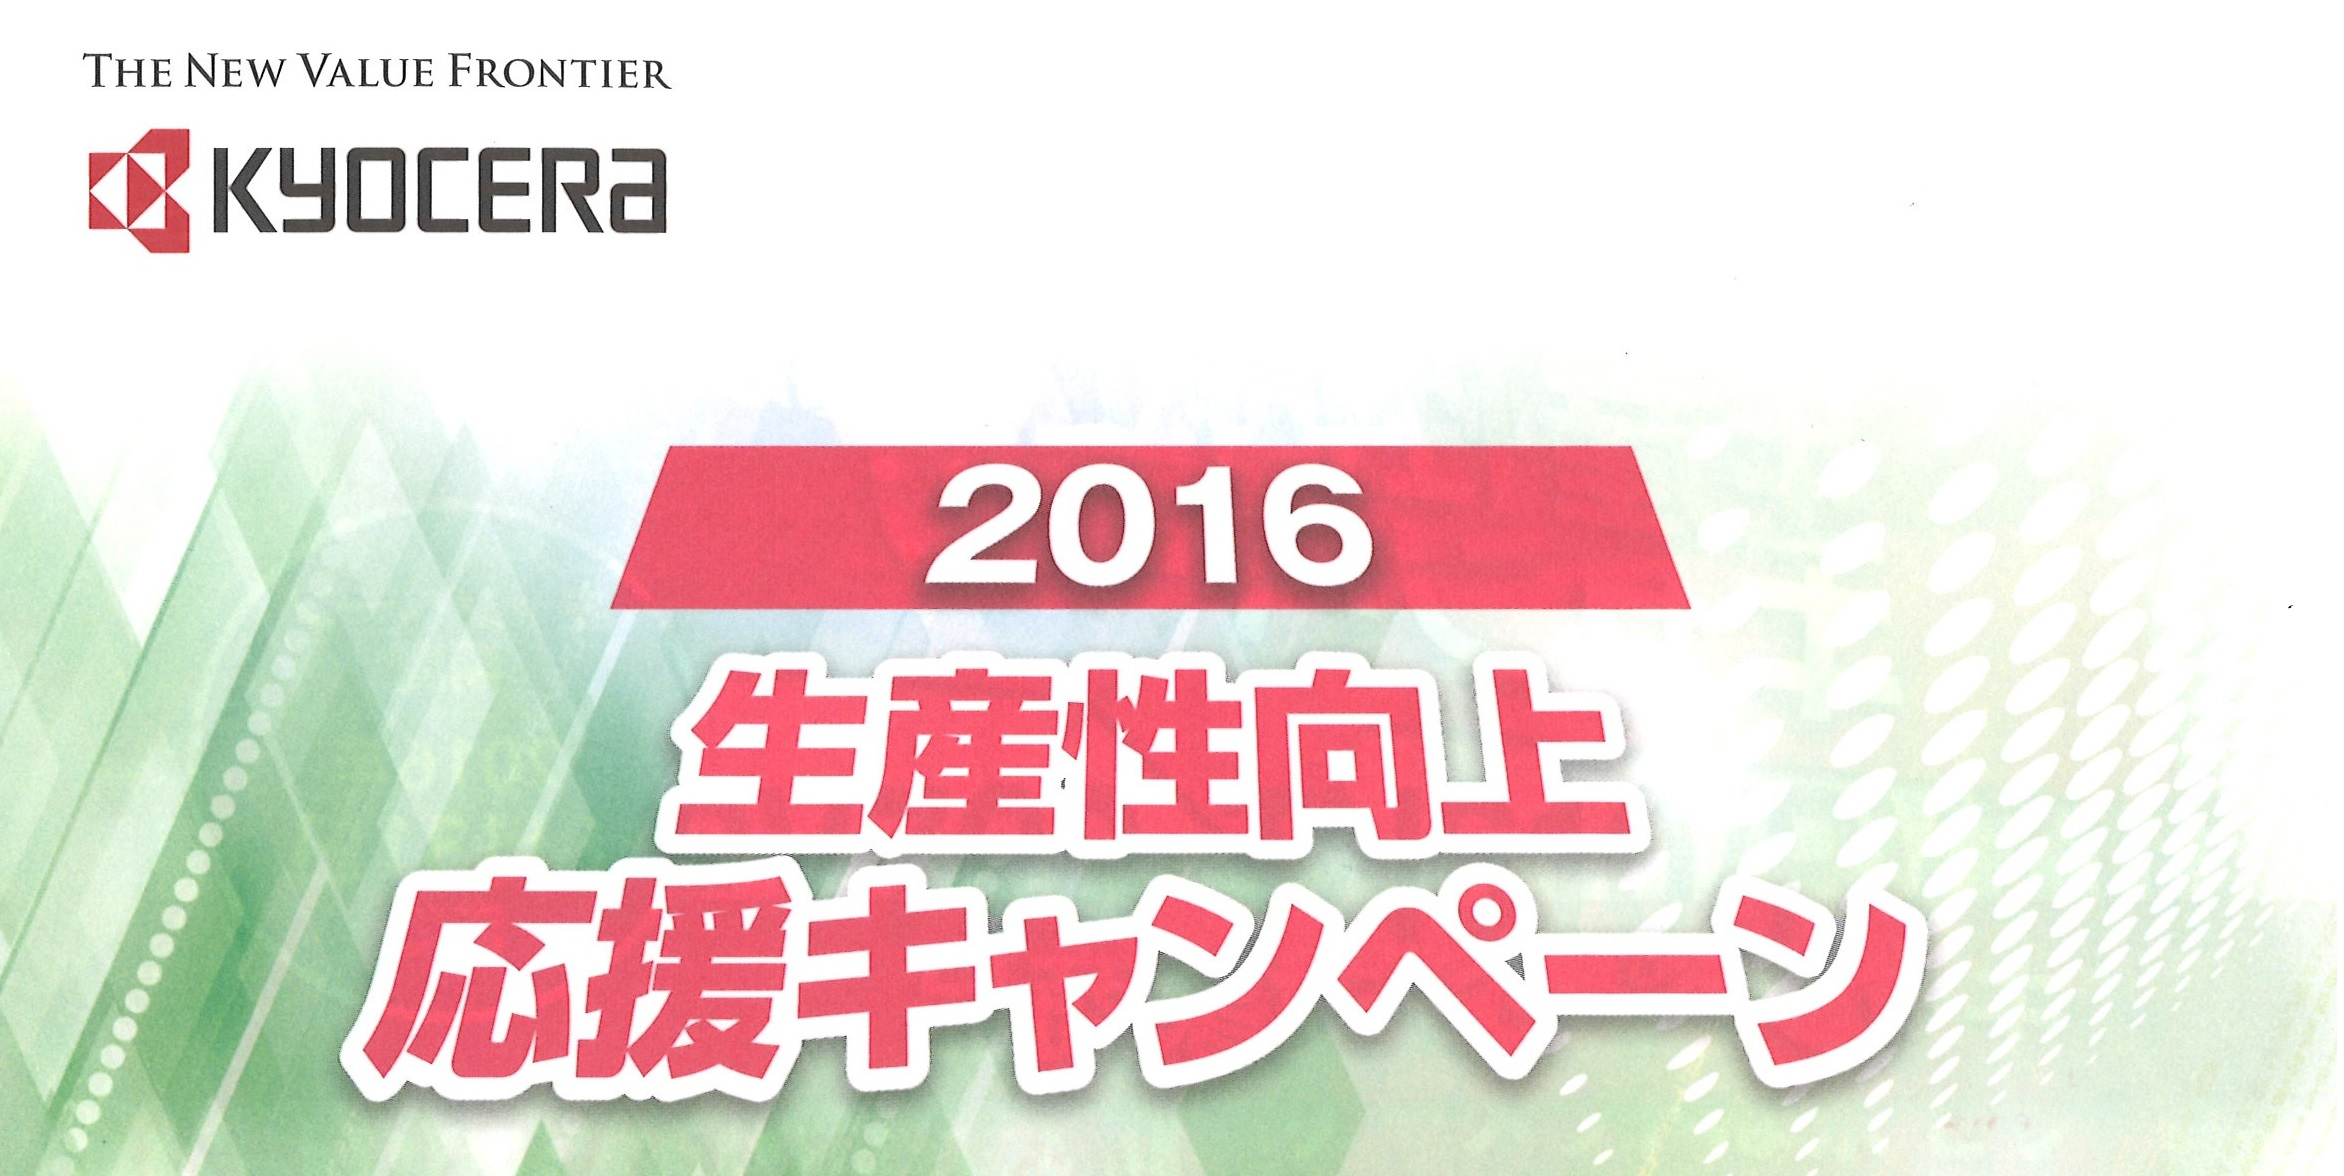 京セラ・切削工具「2016 生産性向上応援キャンペーン」開催のお知らせ